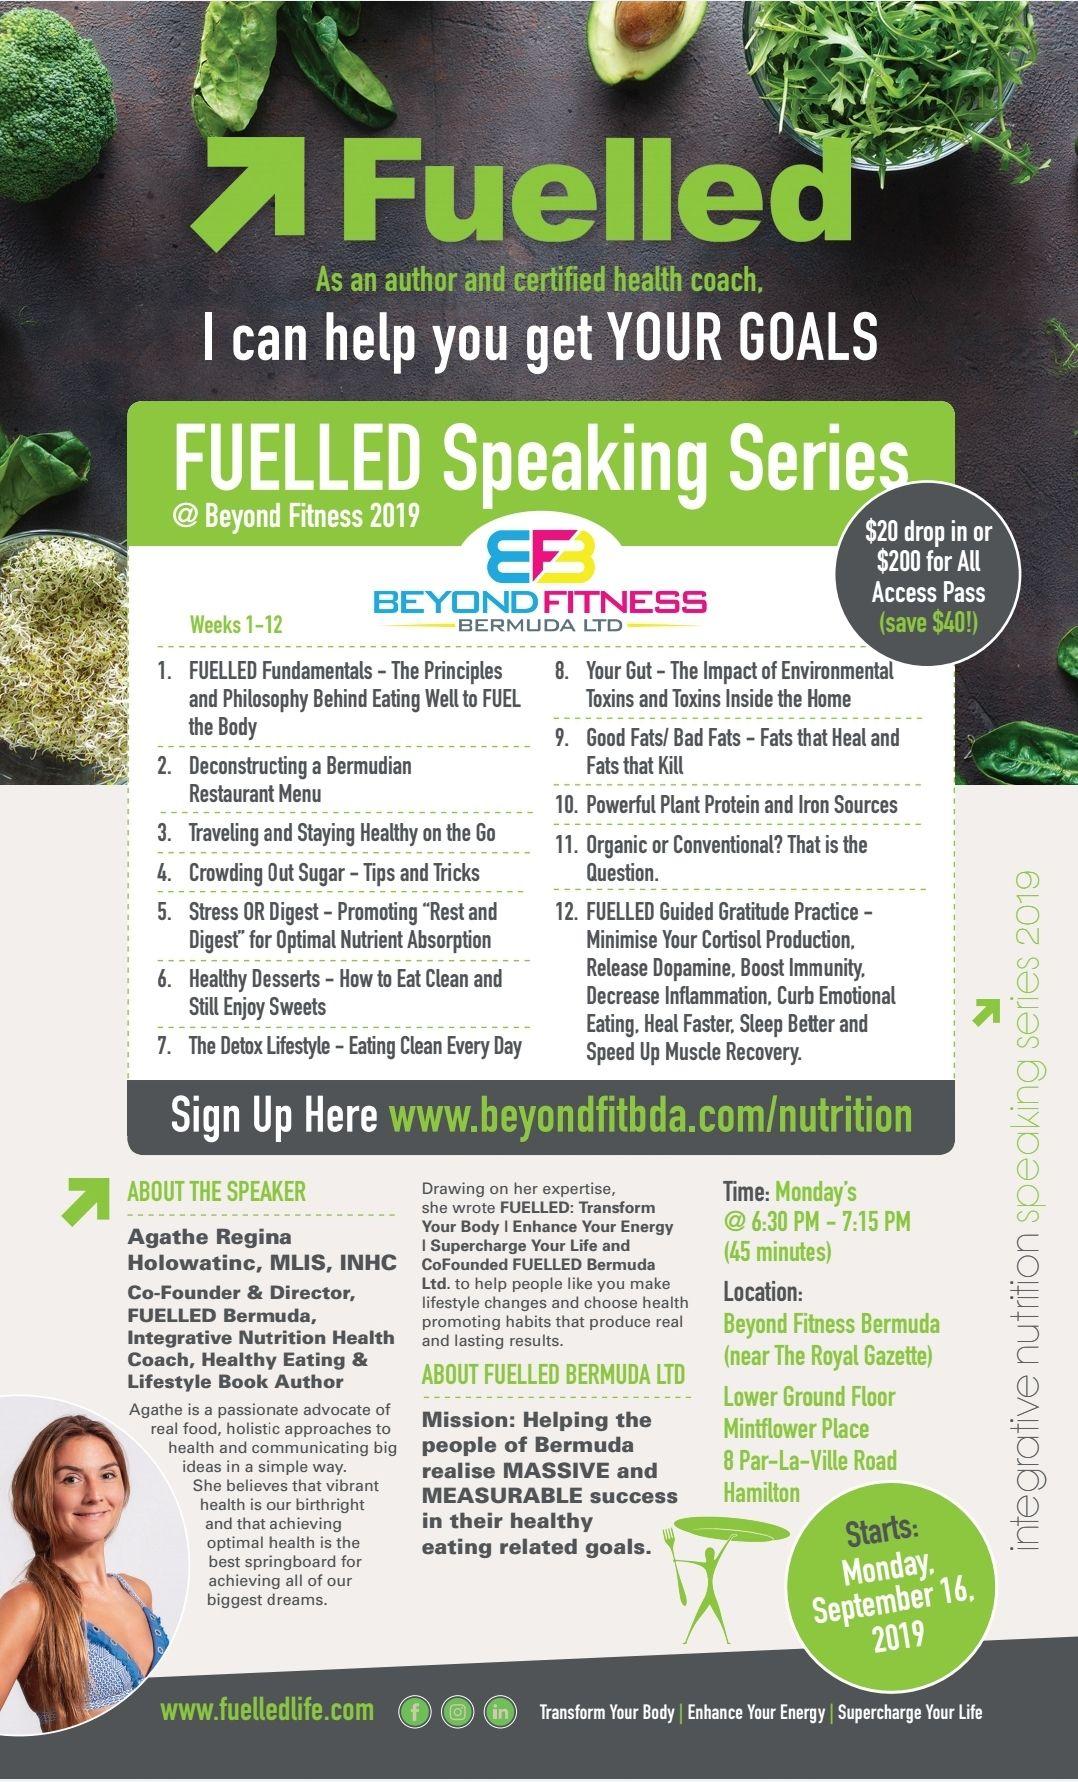 Fuelled-Speaking-Series-Beyond Fitness Bermuda Sept 8 2019